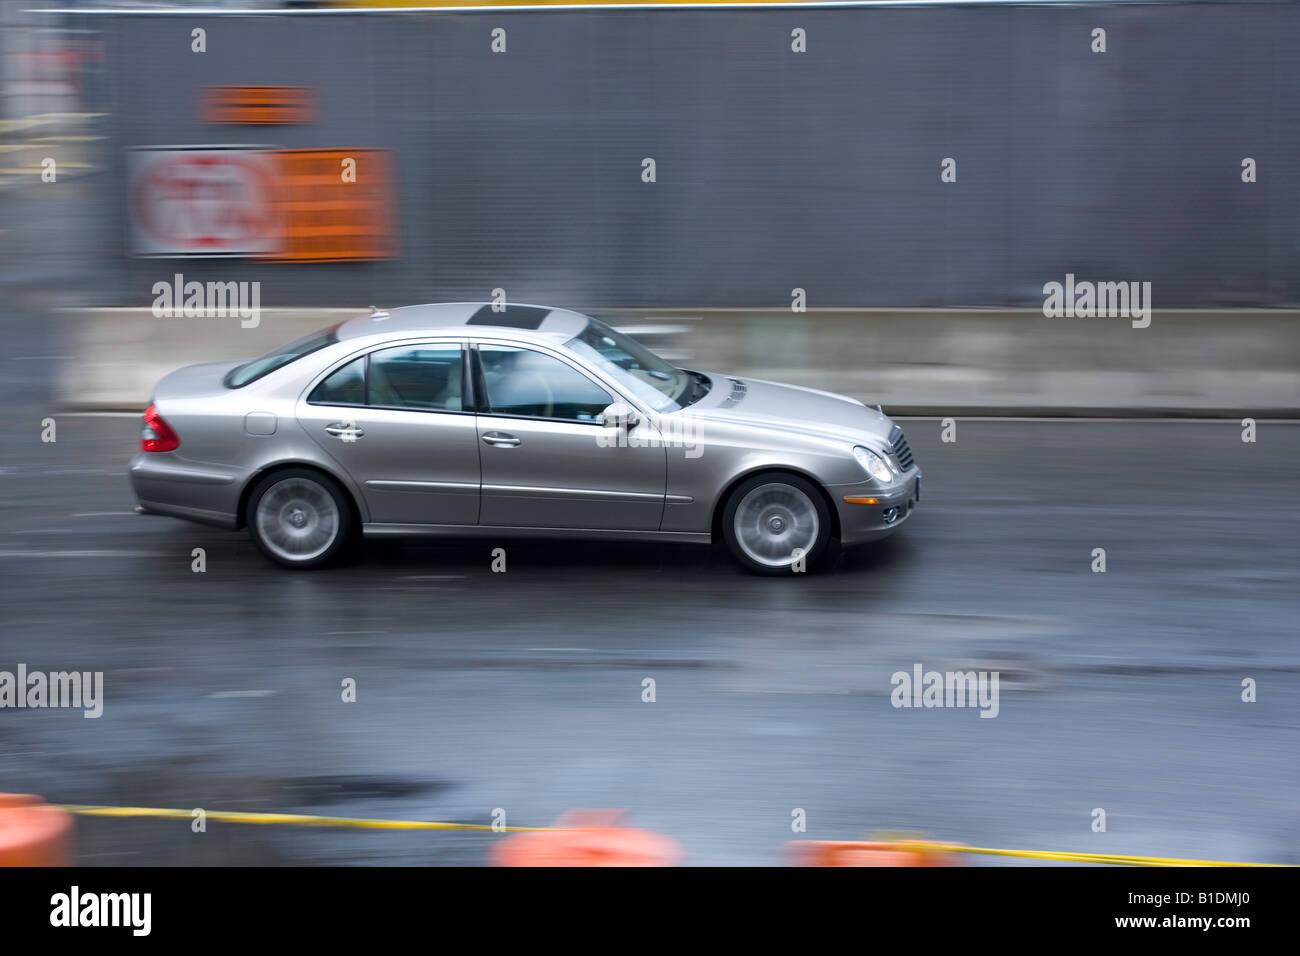 Eine Mercedes-Limousine beschleunigt in einer Straße in Manhattan, New York an einem regnerischen Tag. Stockfoto